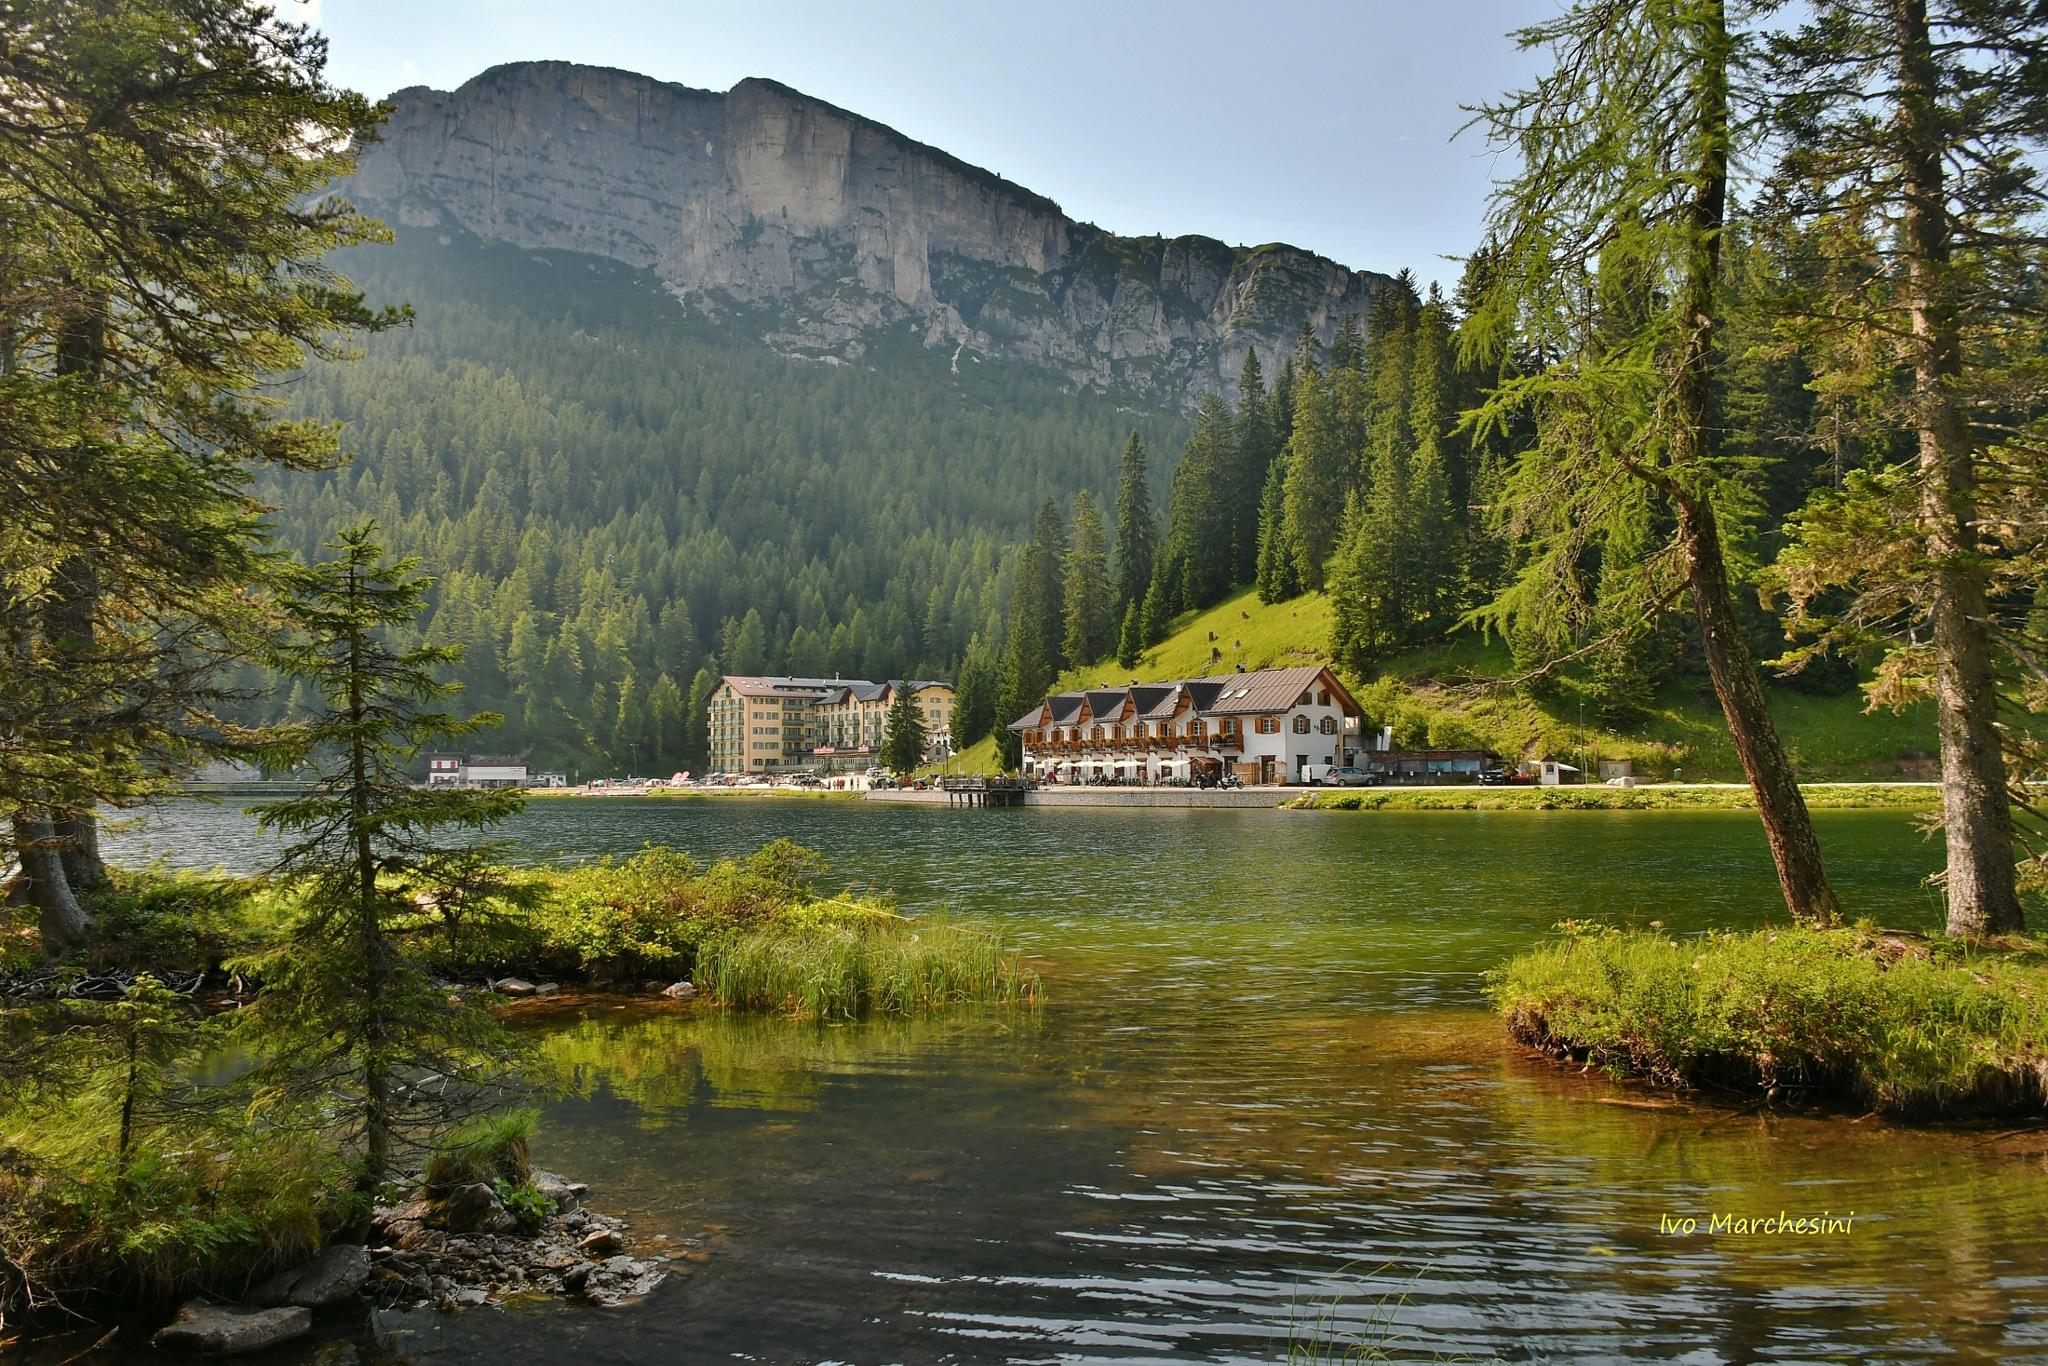 lago di Misurina by Ivo Mar Marchesini